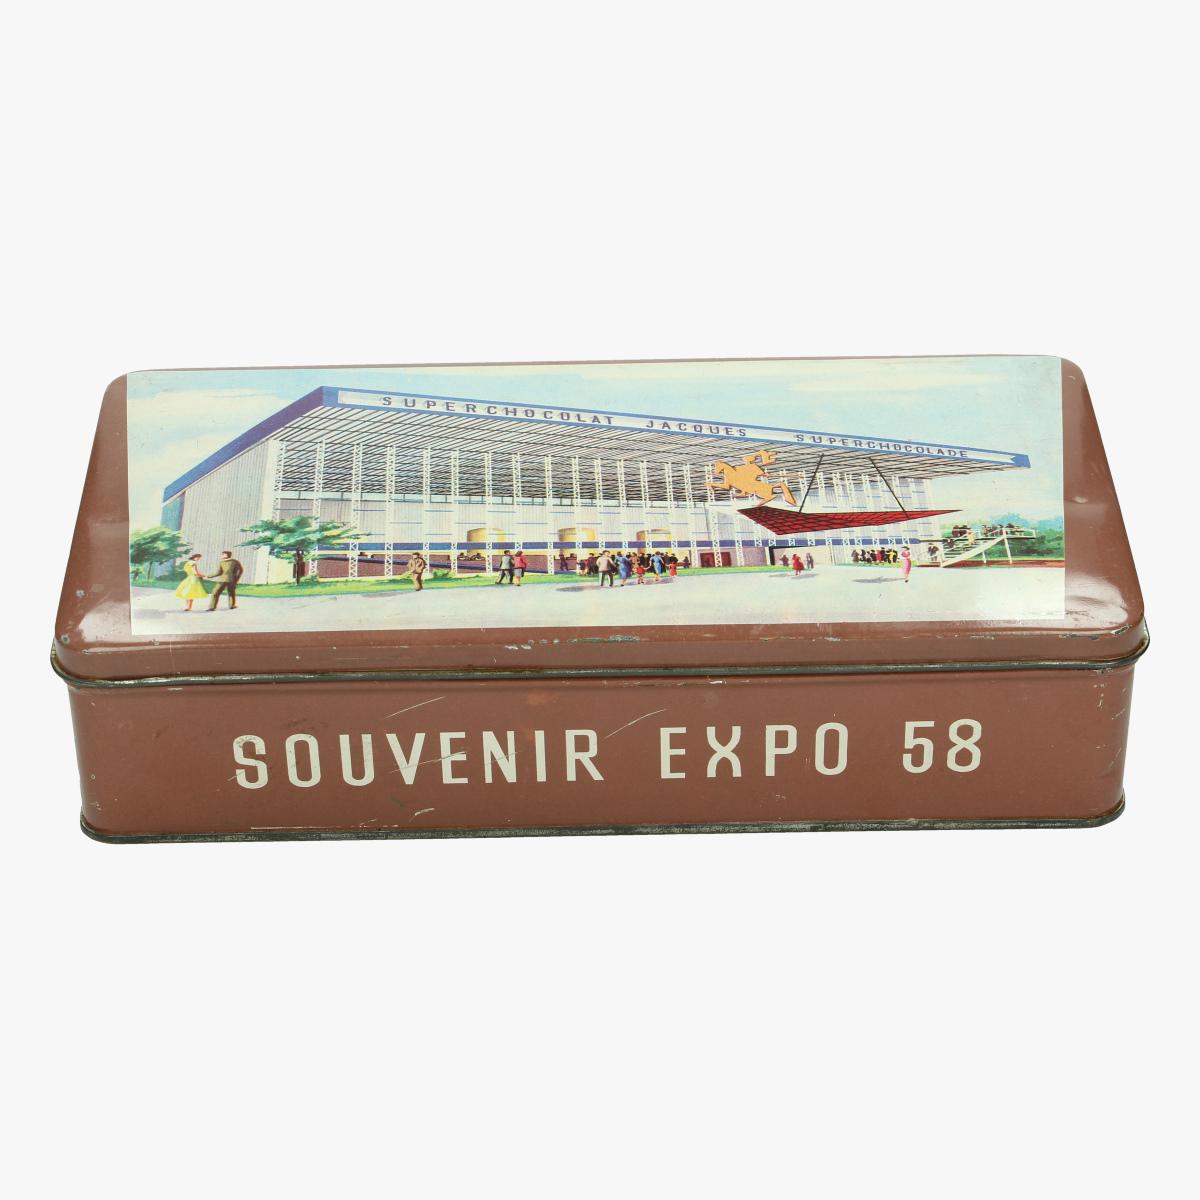 Afbeeldingen van blikken doos expo 58 superchocolade jacques